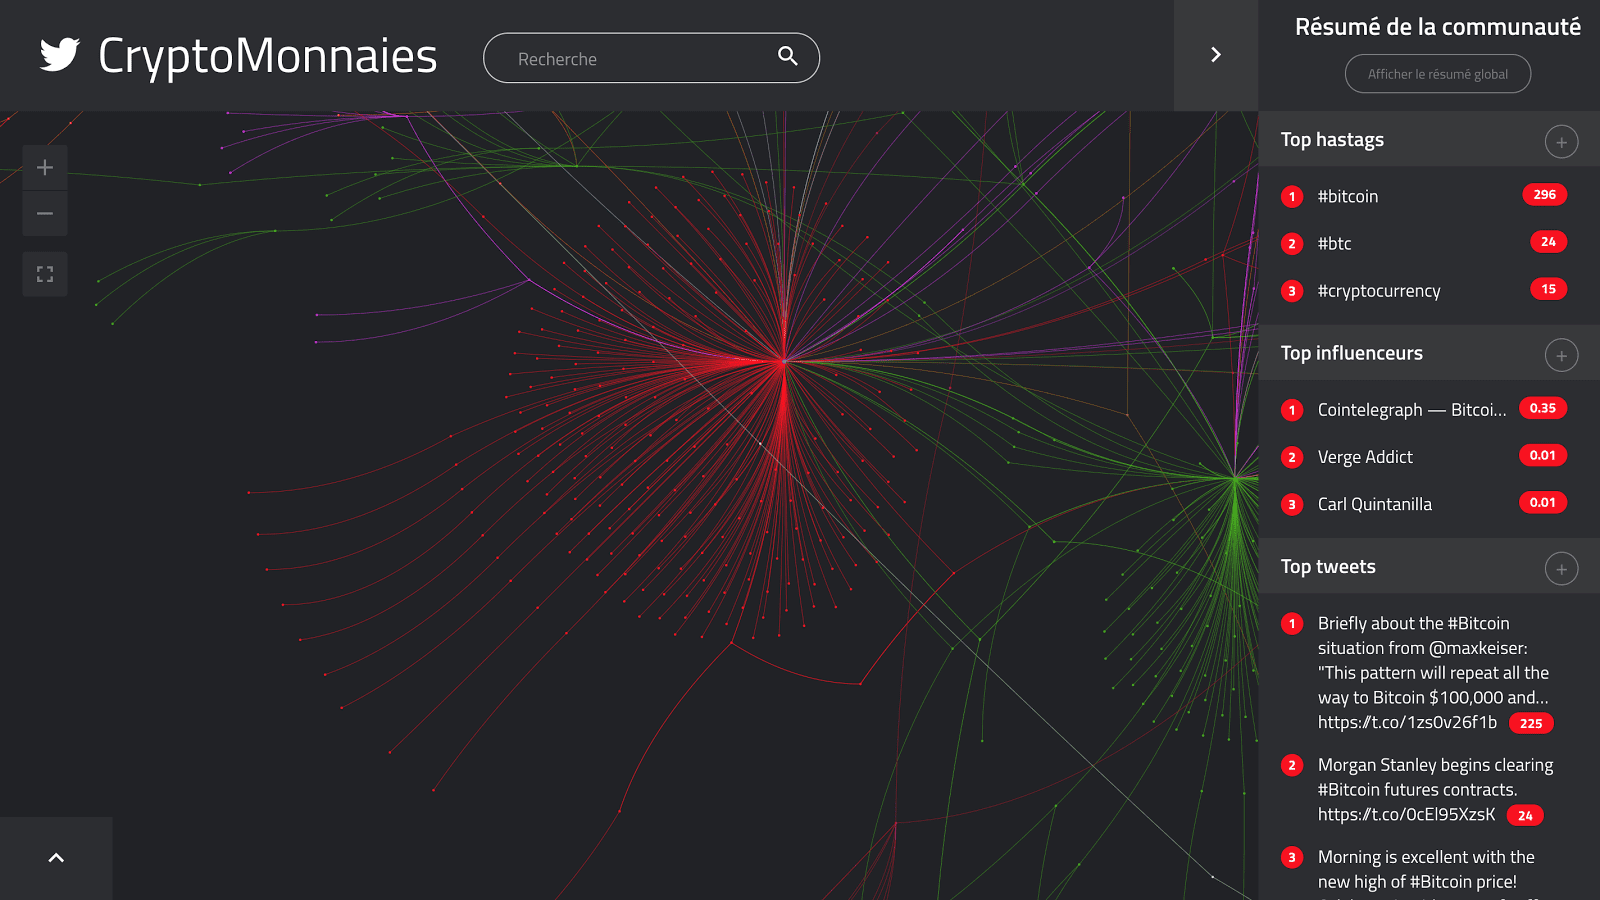 Etude Kernix Twitter : Les cryptomonnaies - Communauté Cointelegraph